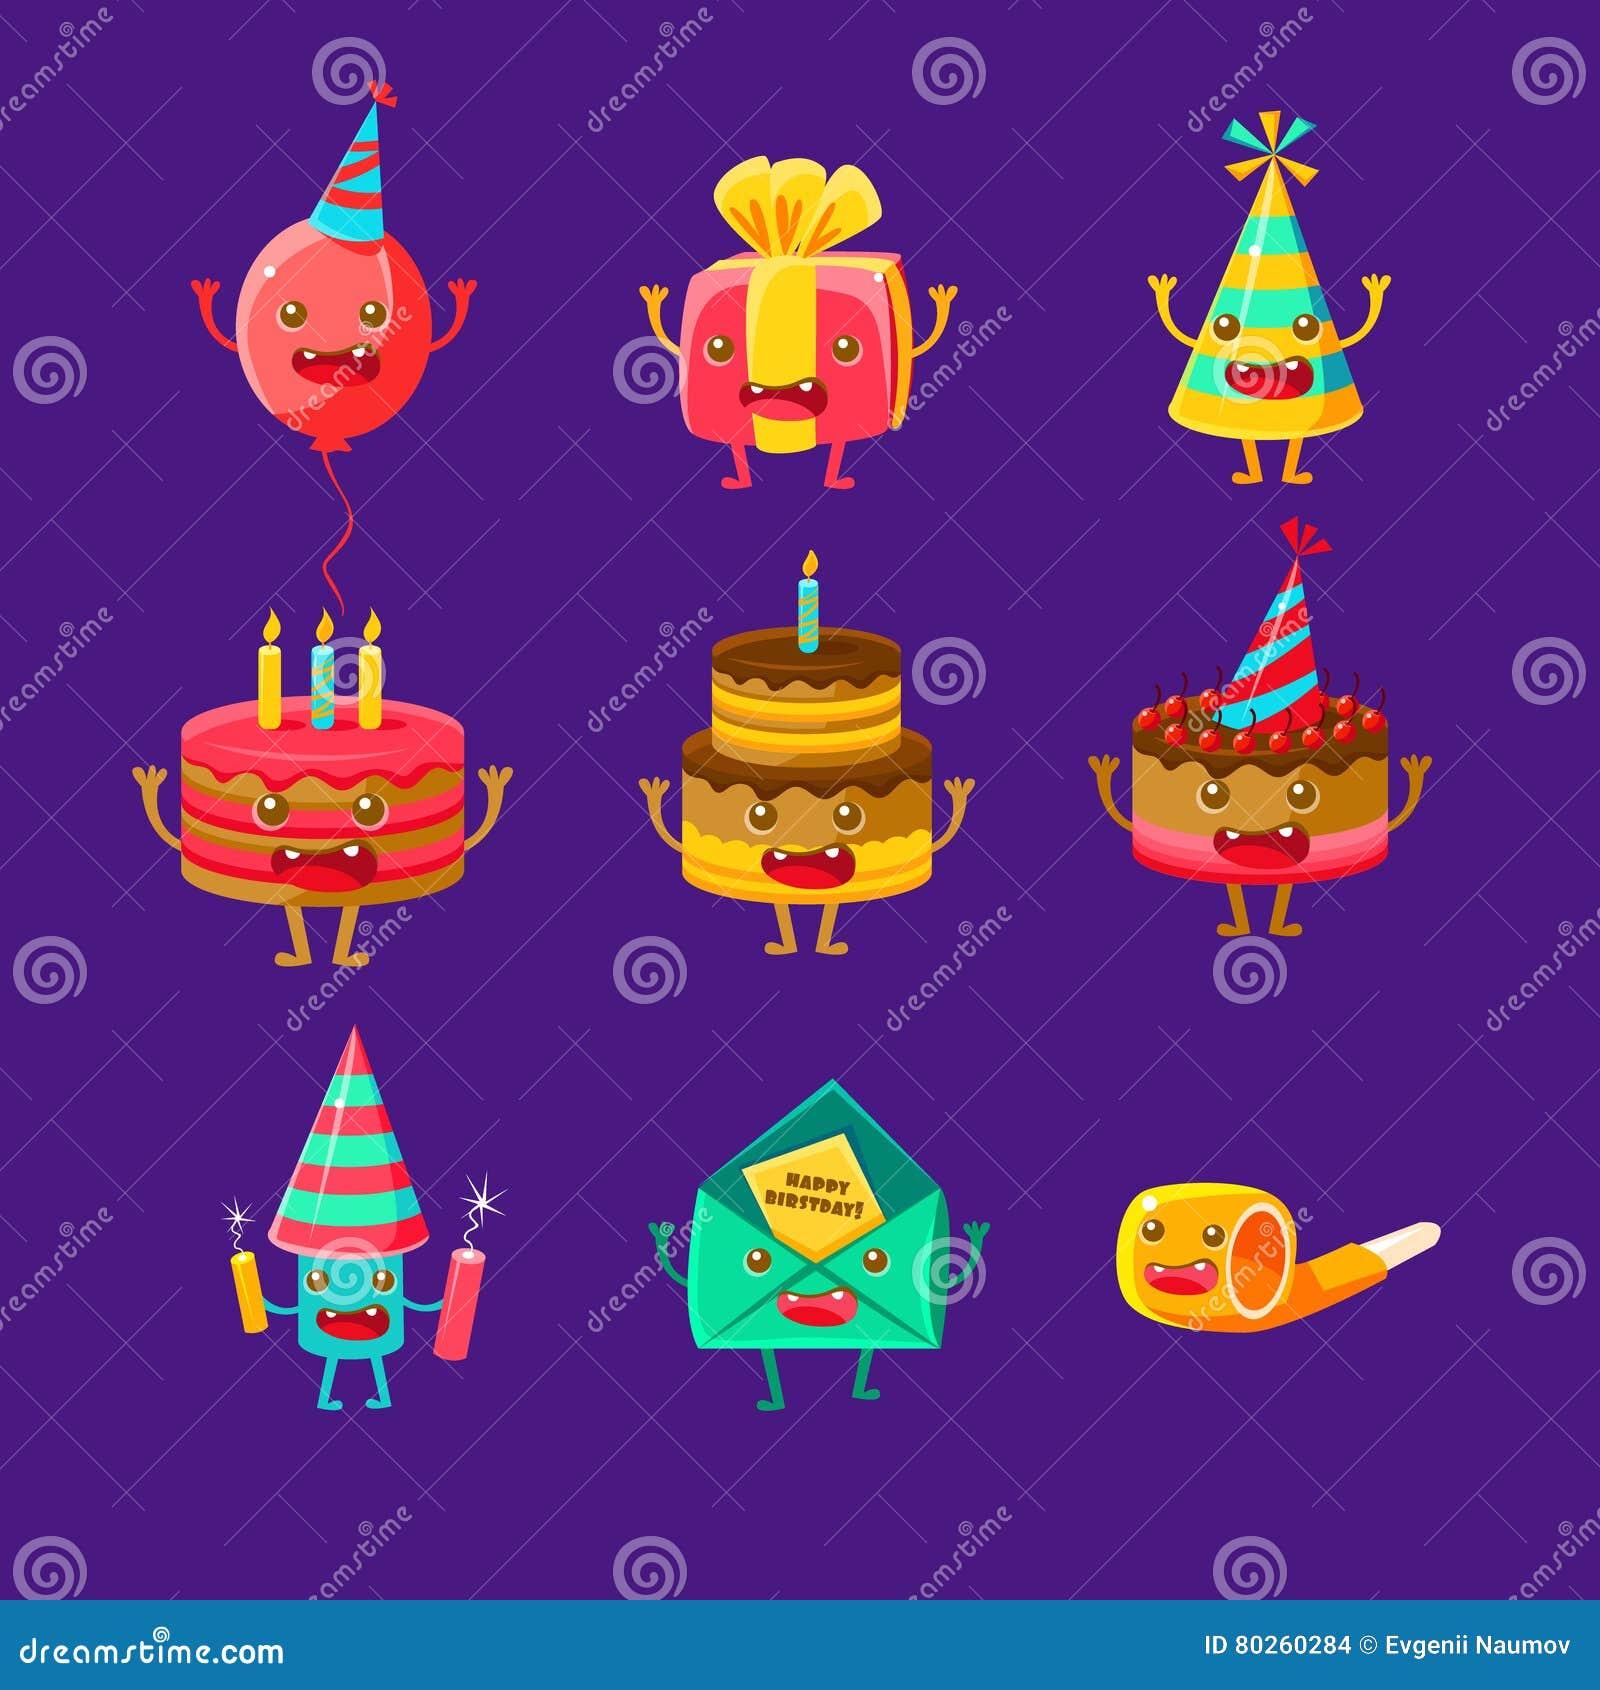 Happy Birthday And Celebration Party Symbols Cartoon